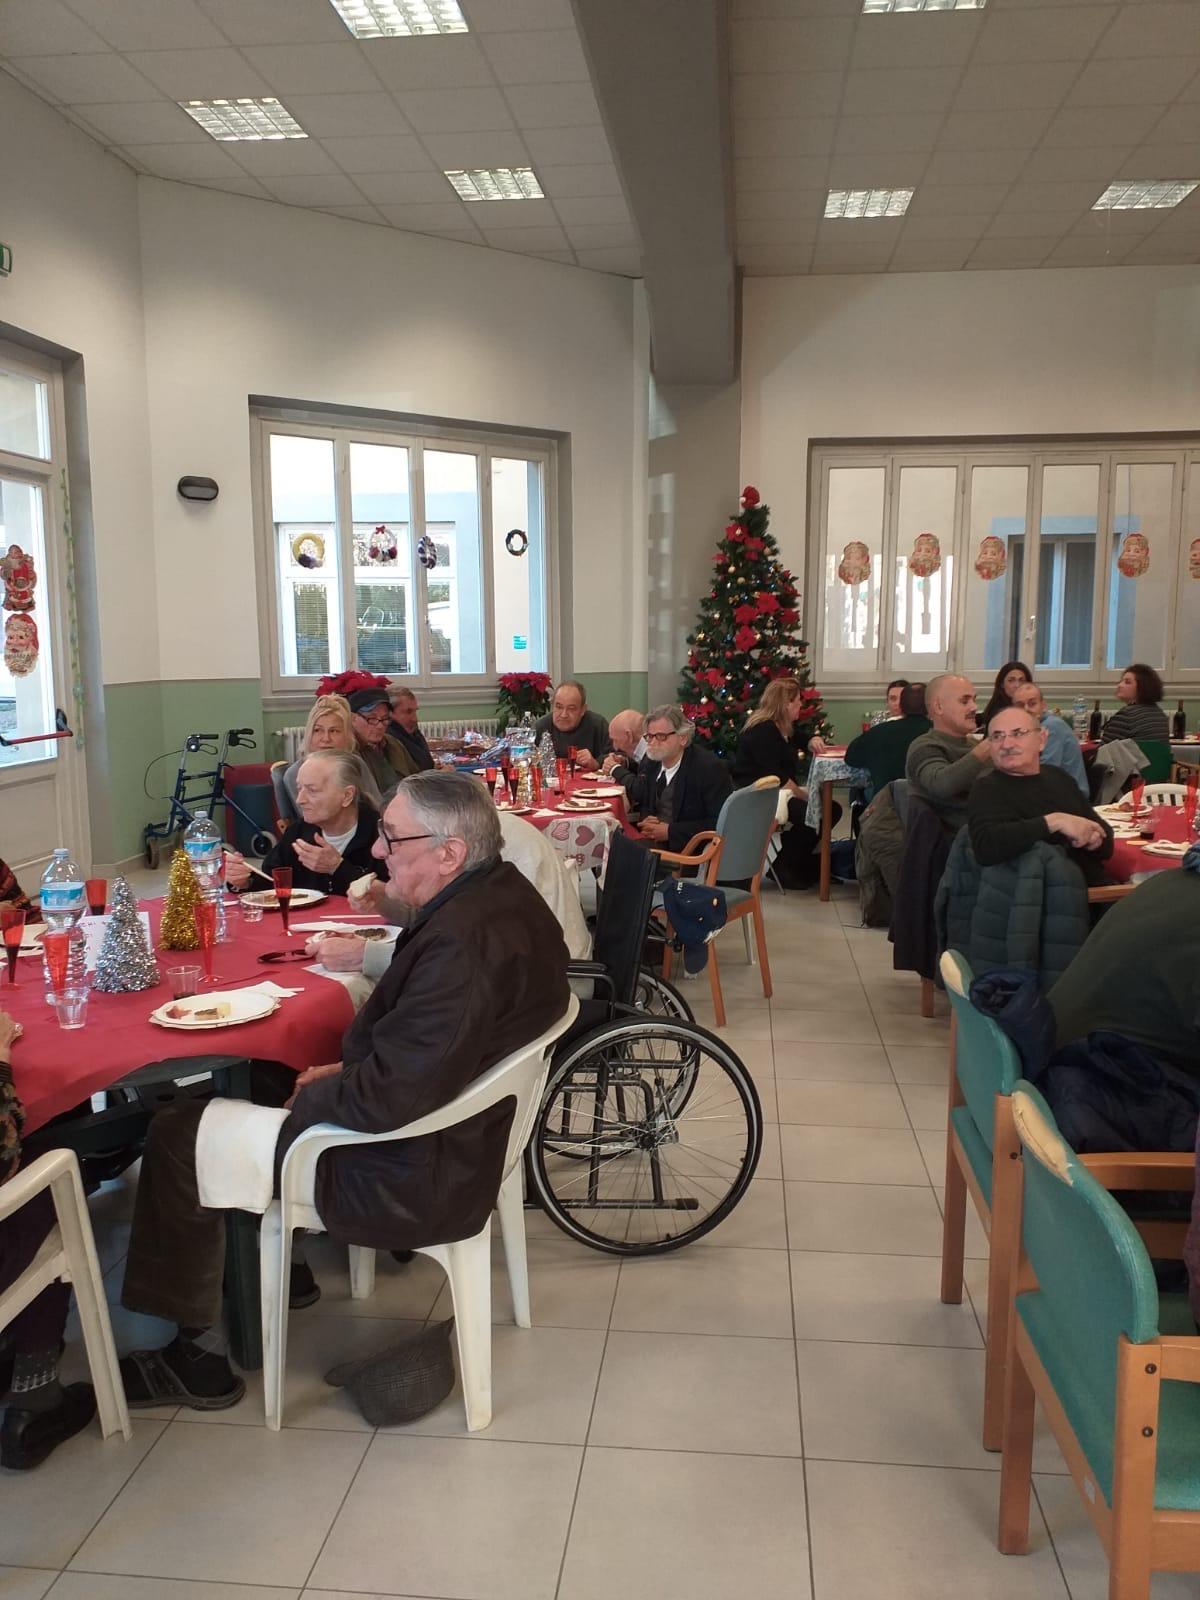 Pranzo Natale_San Silvestro (3).JPG